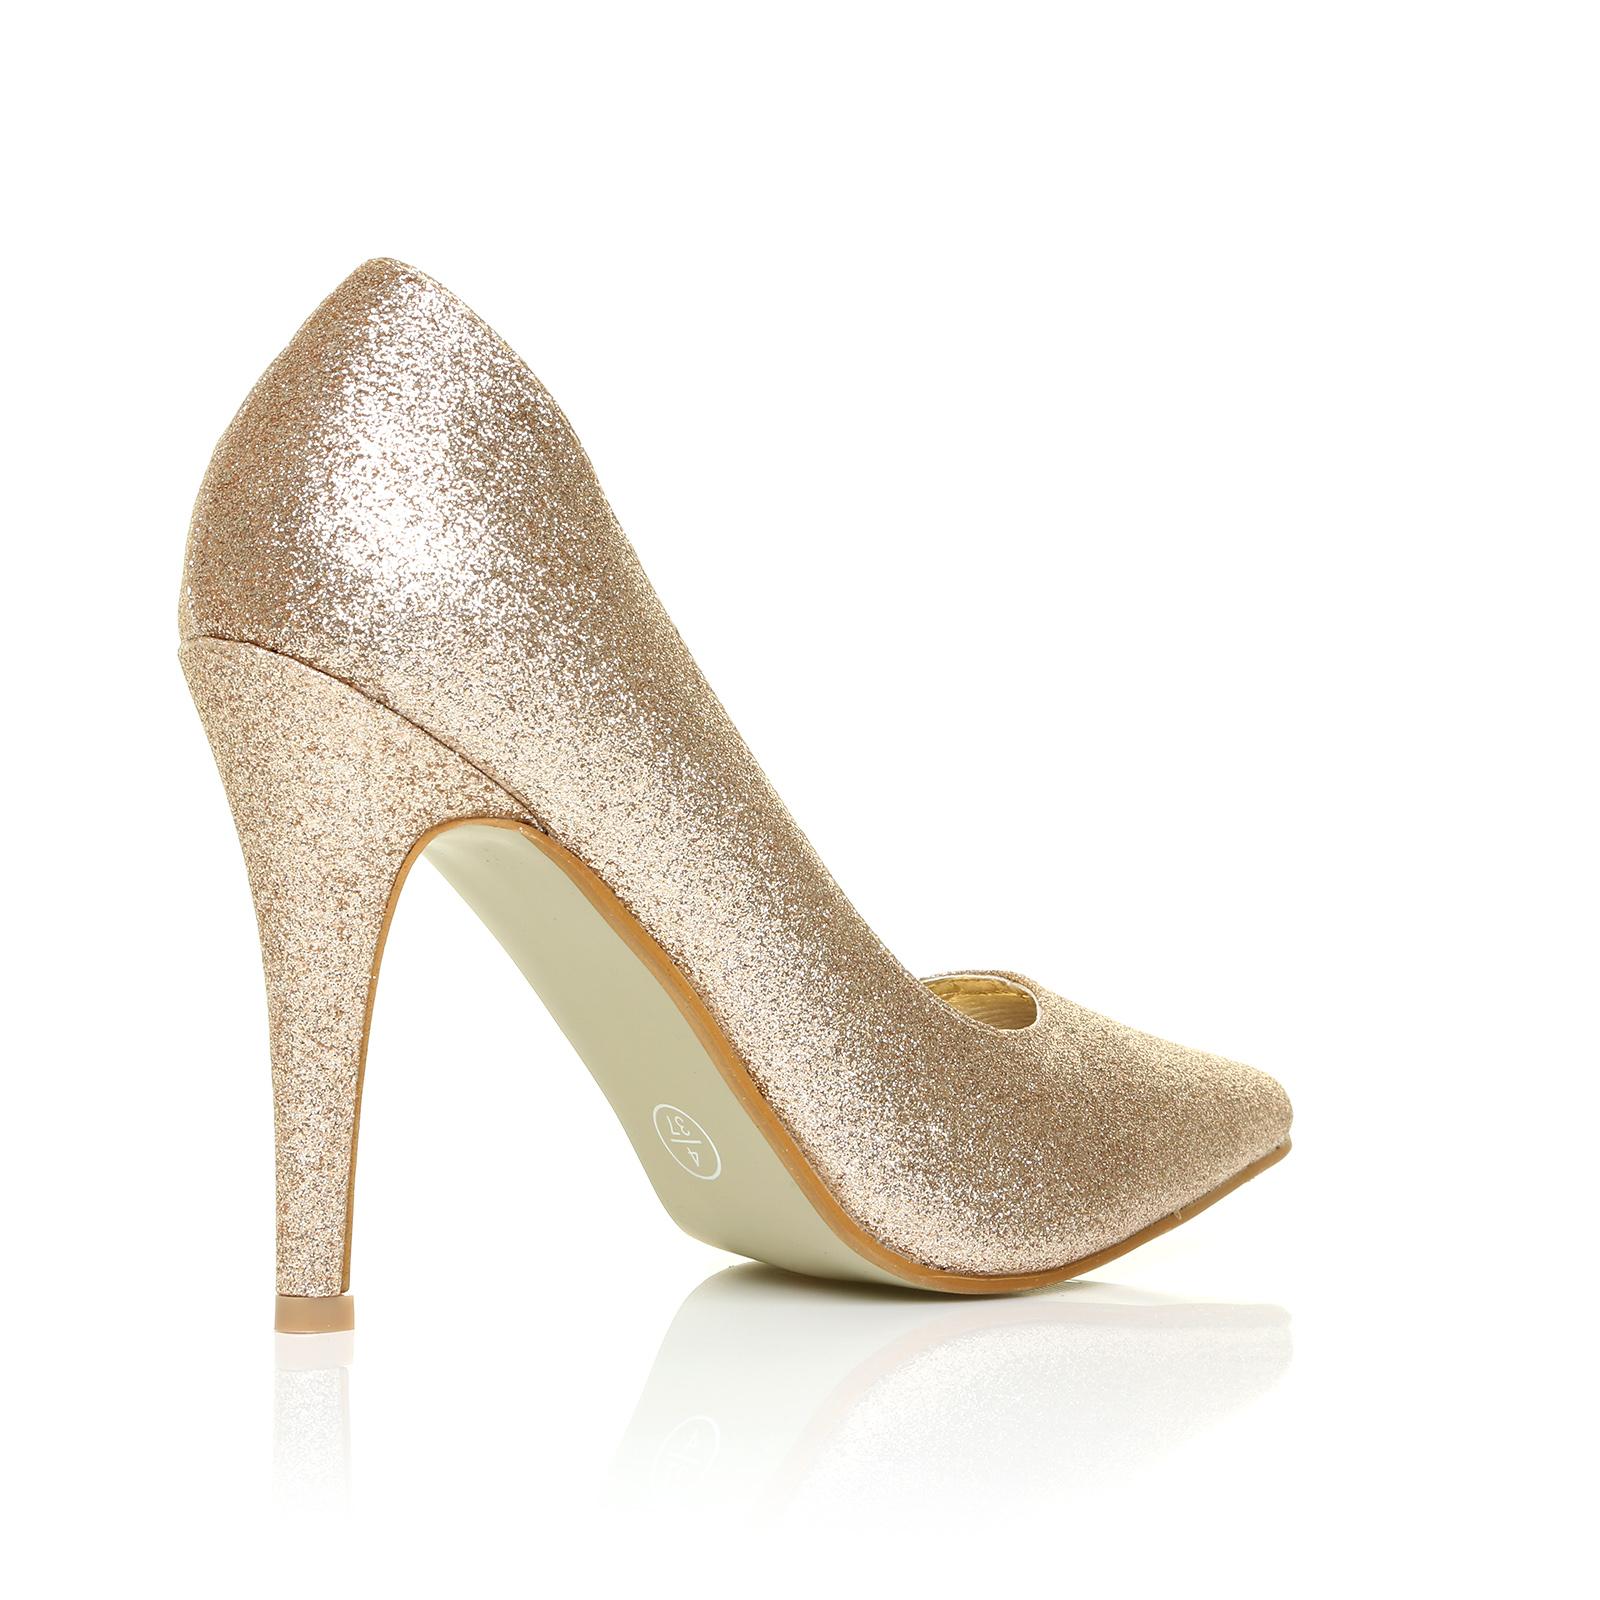 bottines femme talon haut bride cheville bout pointu cour chaussures femmes hi fashion escarpins. Black Bedroom Furniture Sets. Home Design Ideas